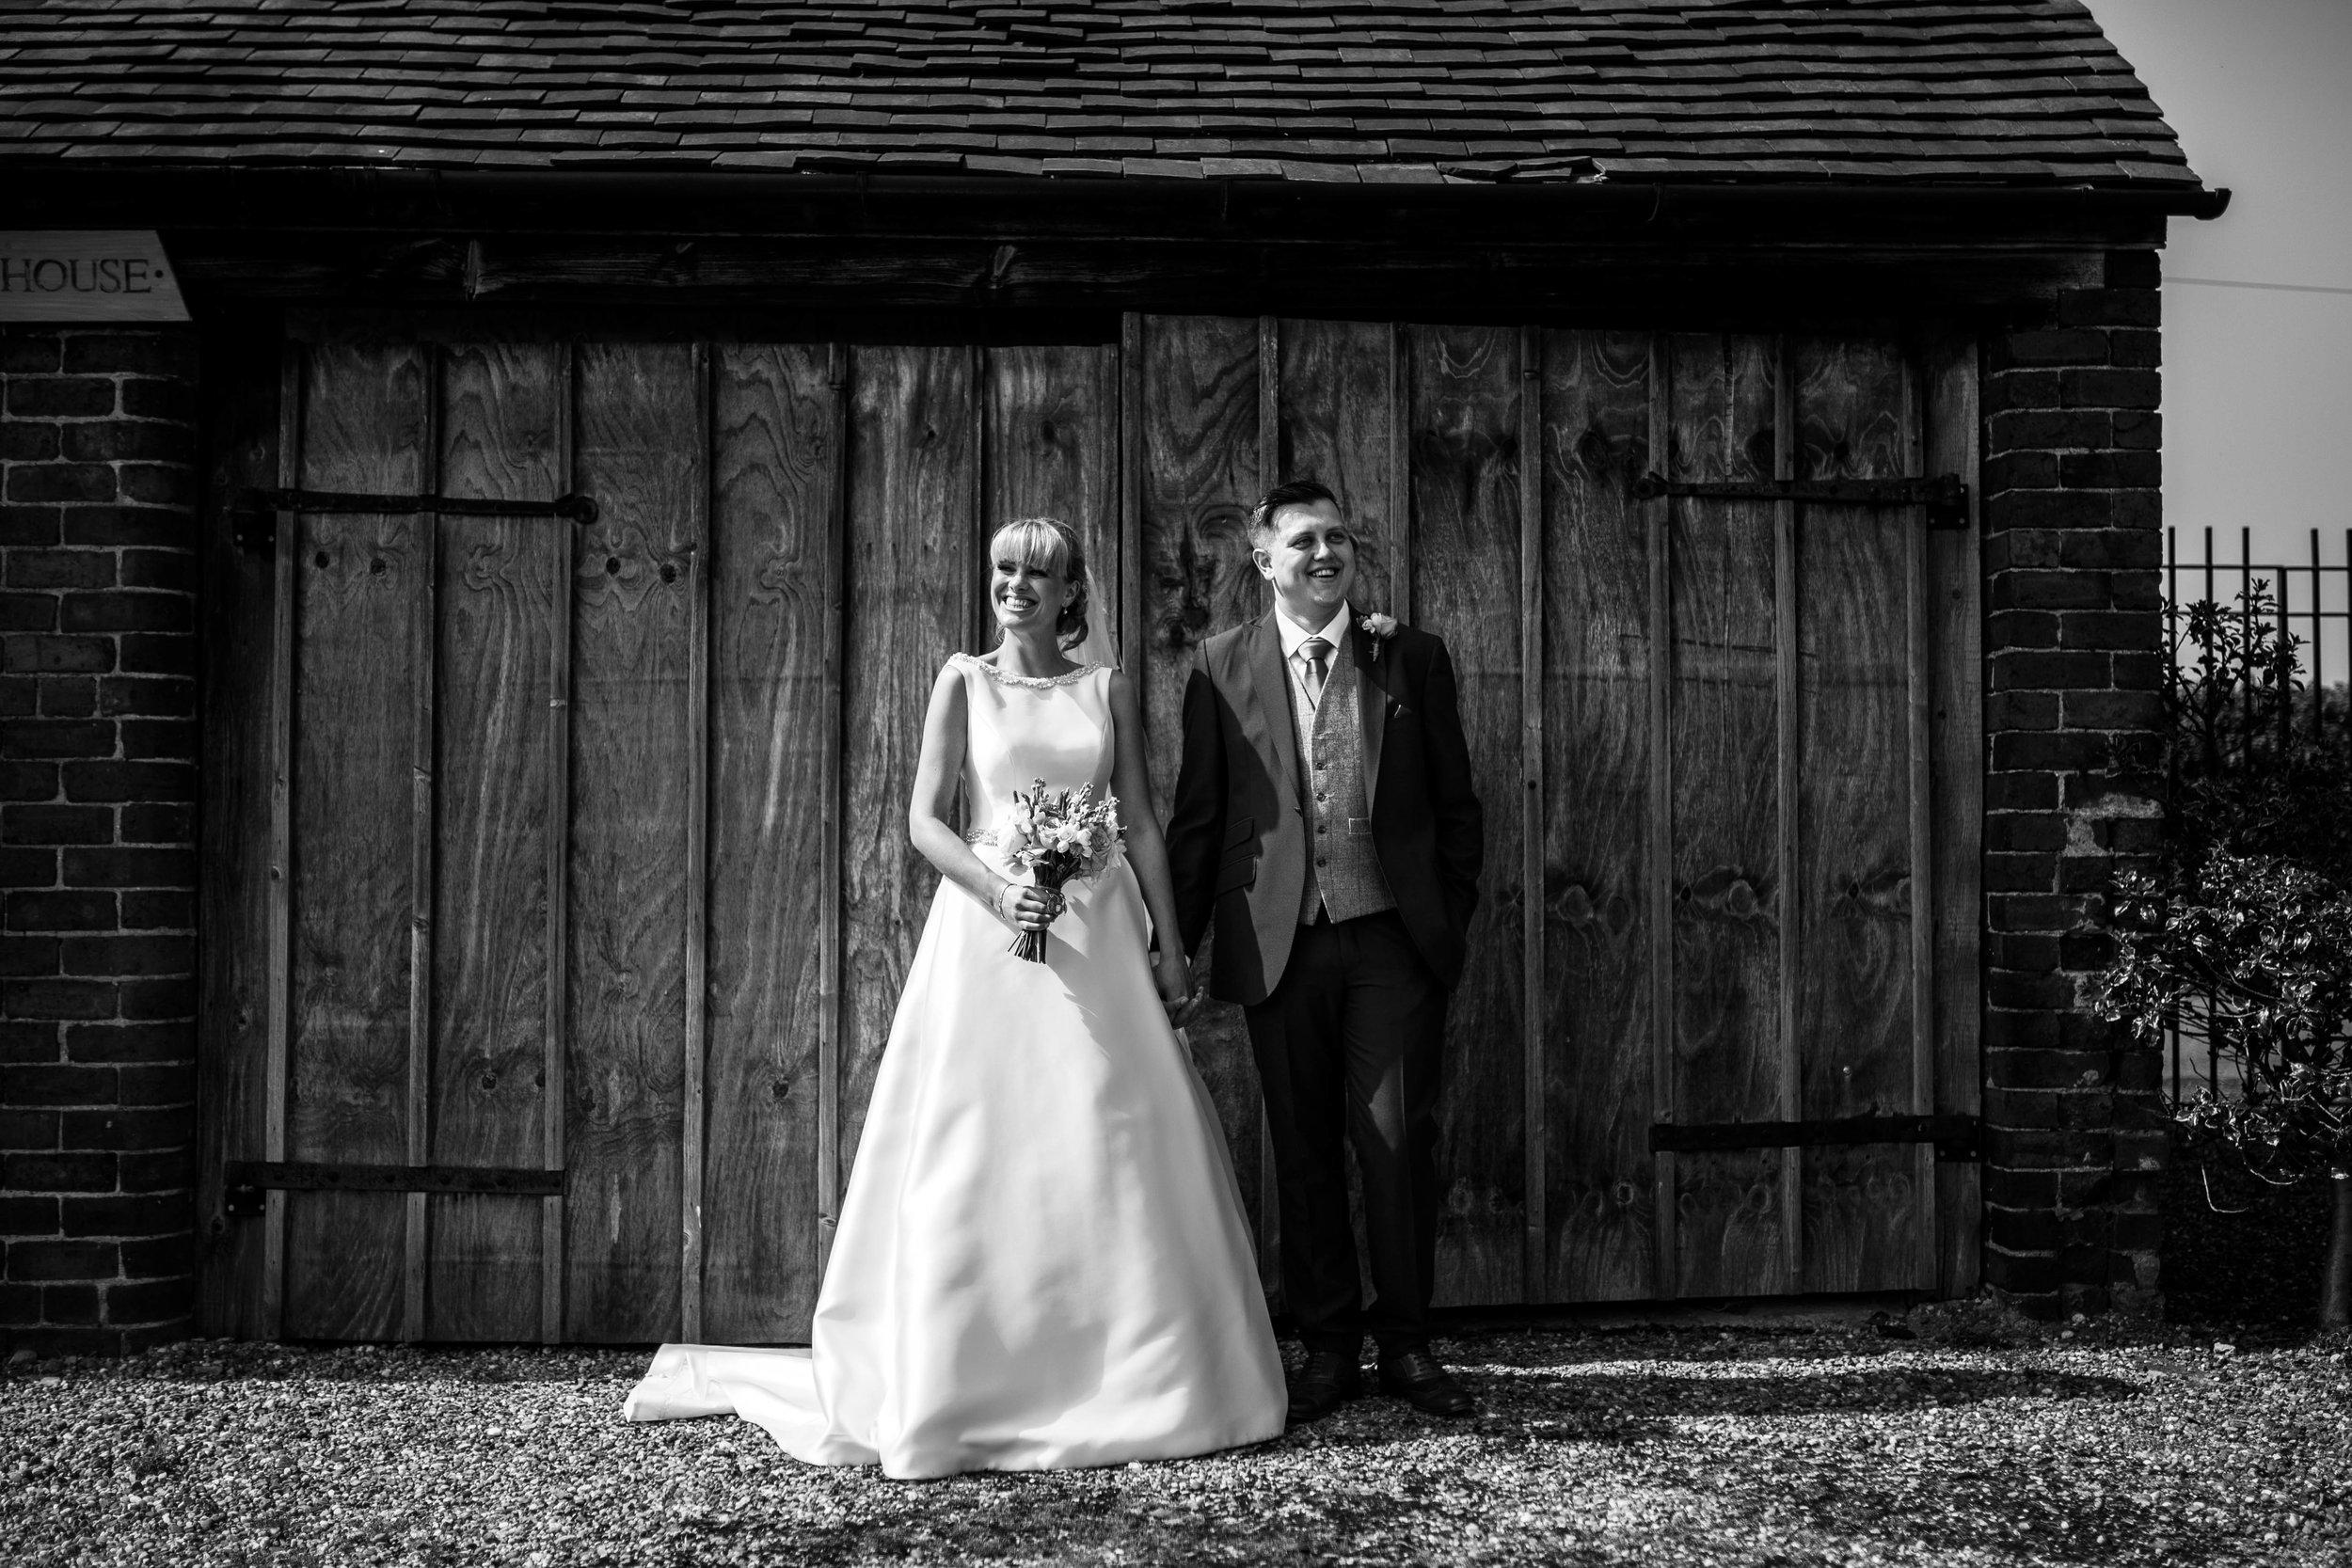 Blakelands_Country_House_Nick_Labrum_Photo_Becky&Andrew_blackandwhite-315.jpg